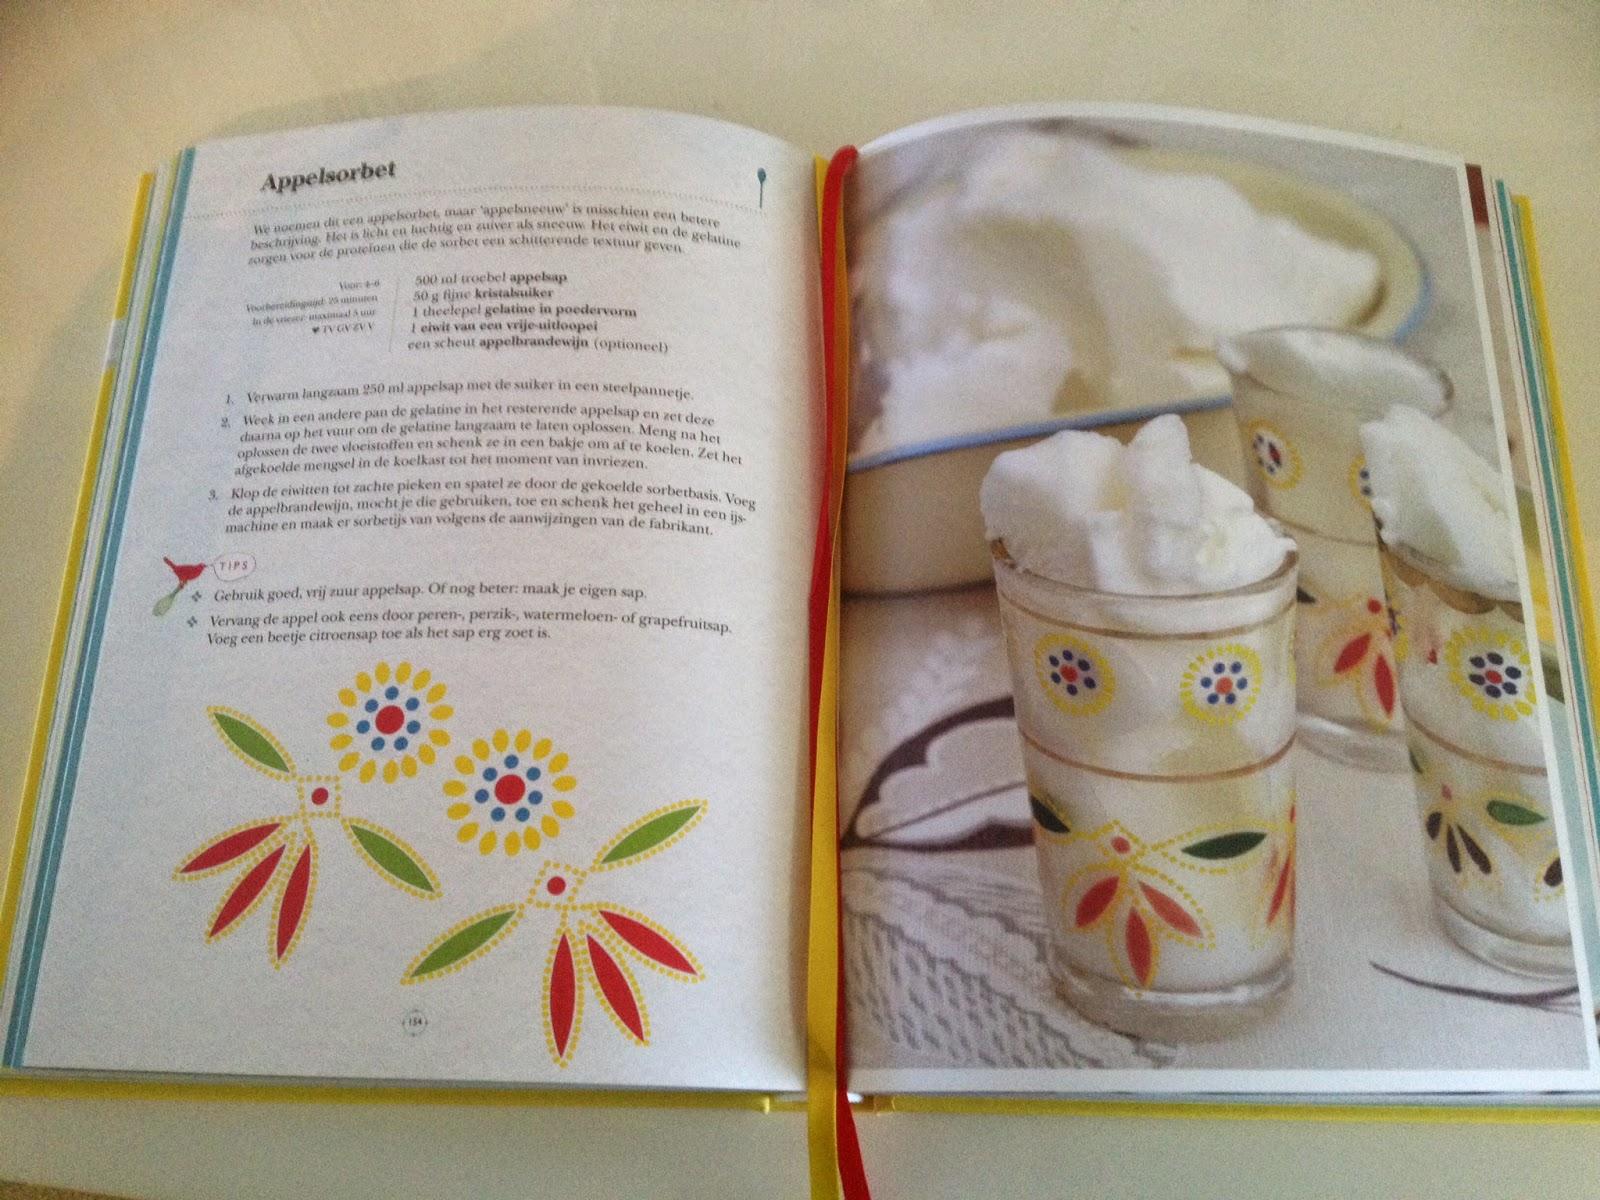 Kookboek Leon - recept appelsorbet